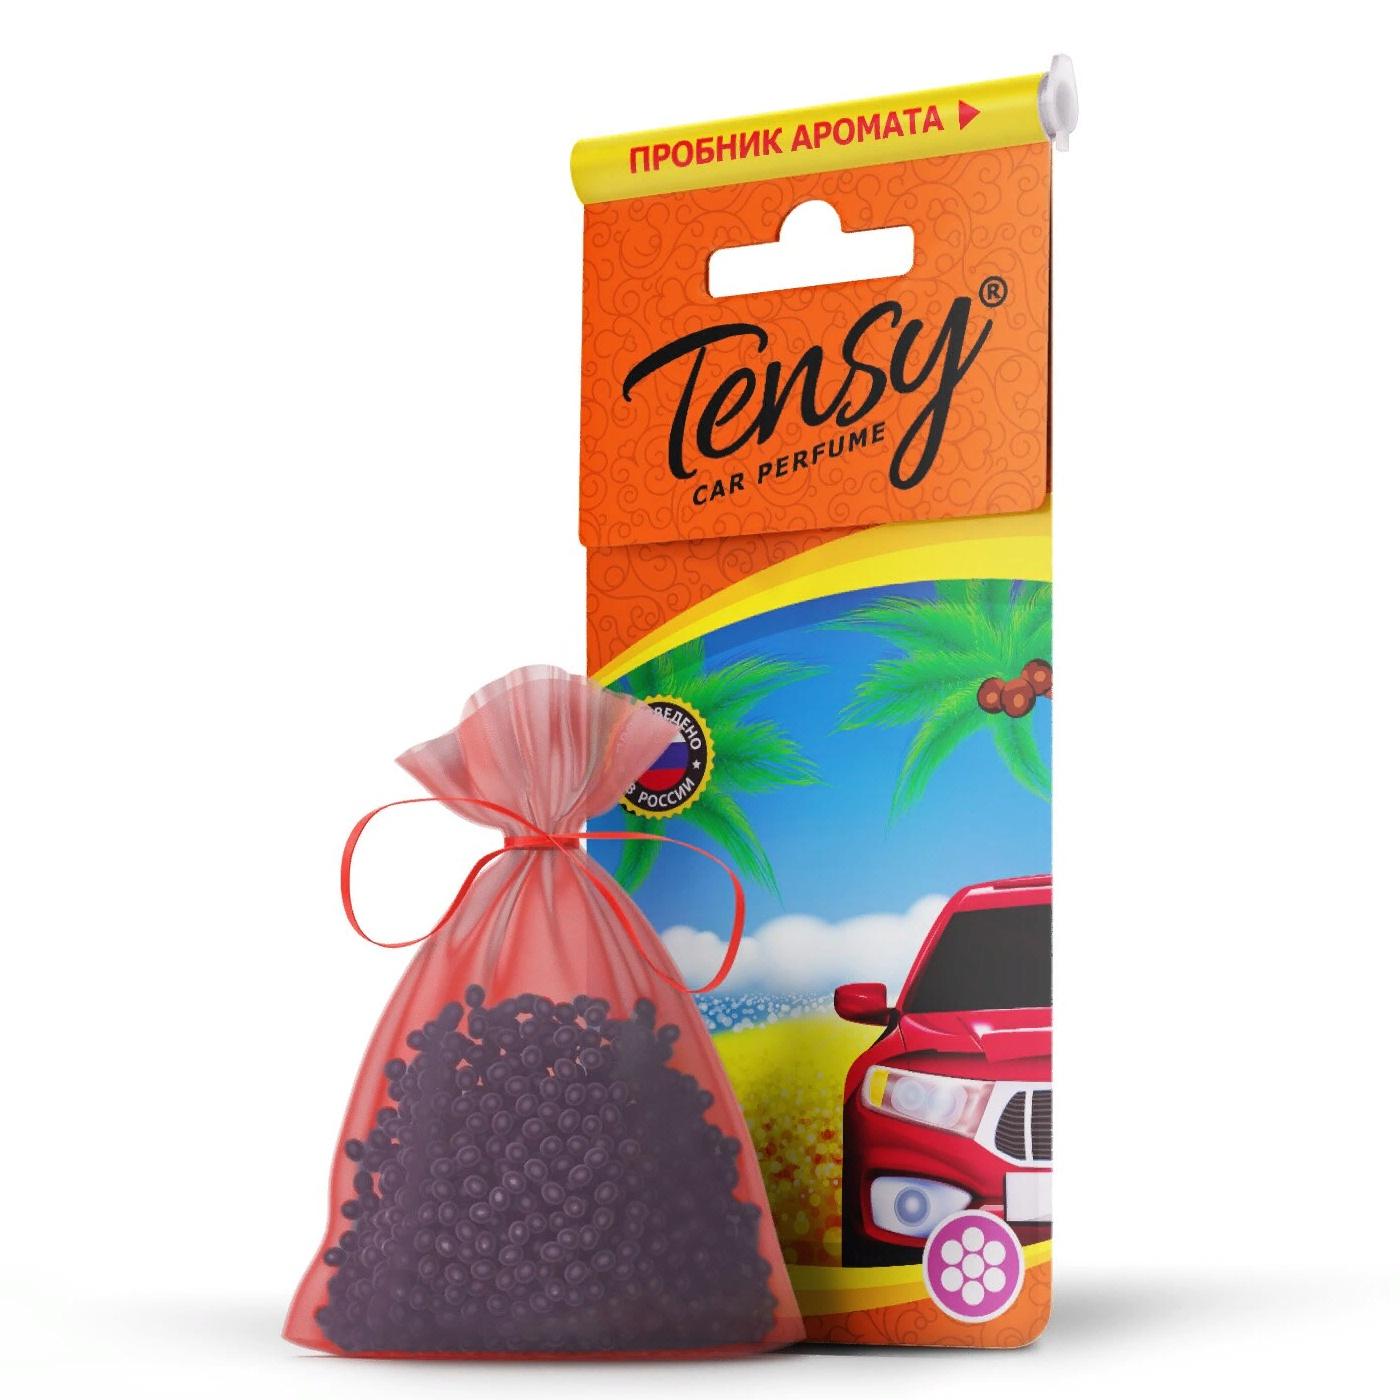 Автомобильный ароматизатор Tensy мешочек, основа гранулы, Новая машина автомобильный ароматизатор doctor wax новая машина dw0807 под сиденье